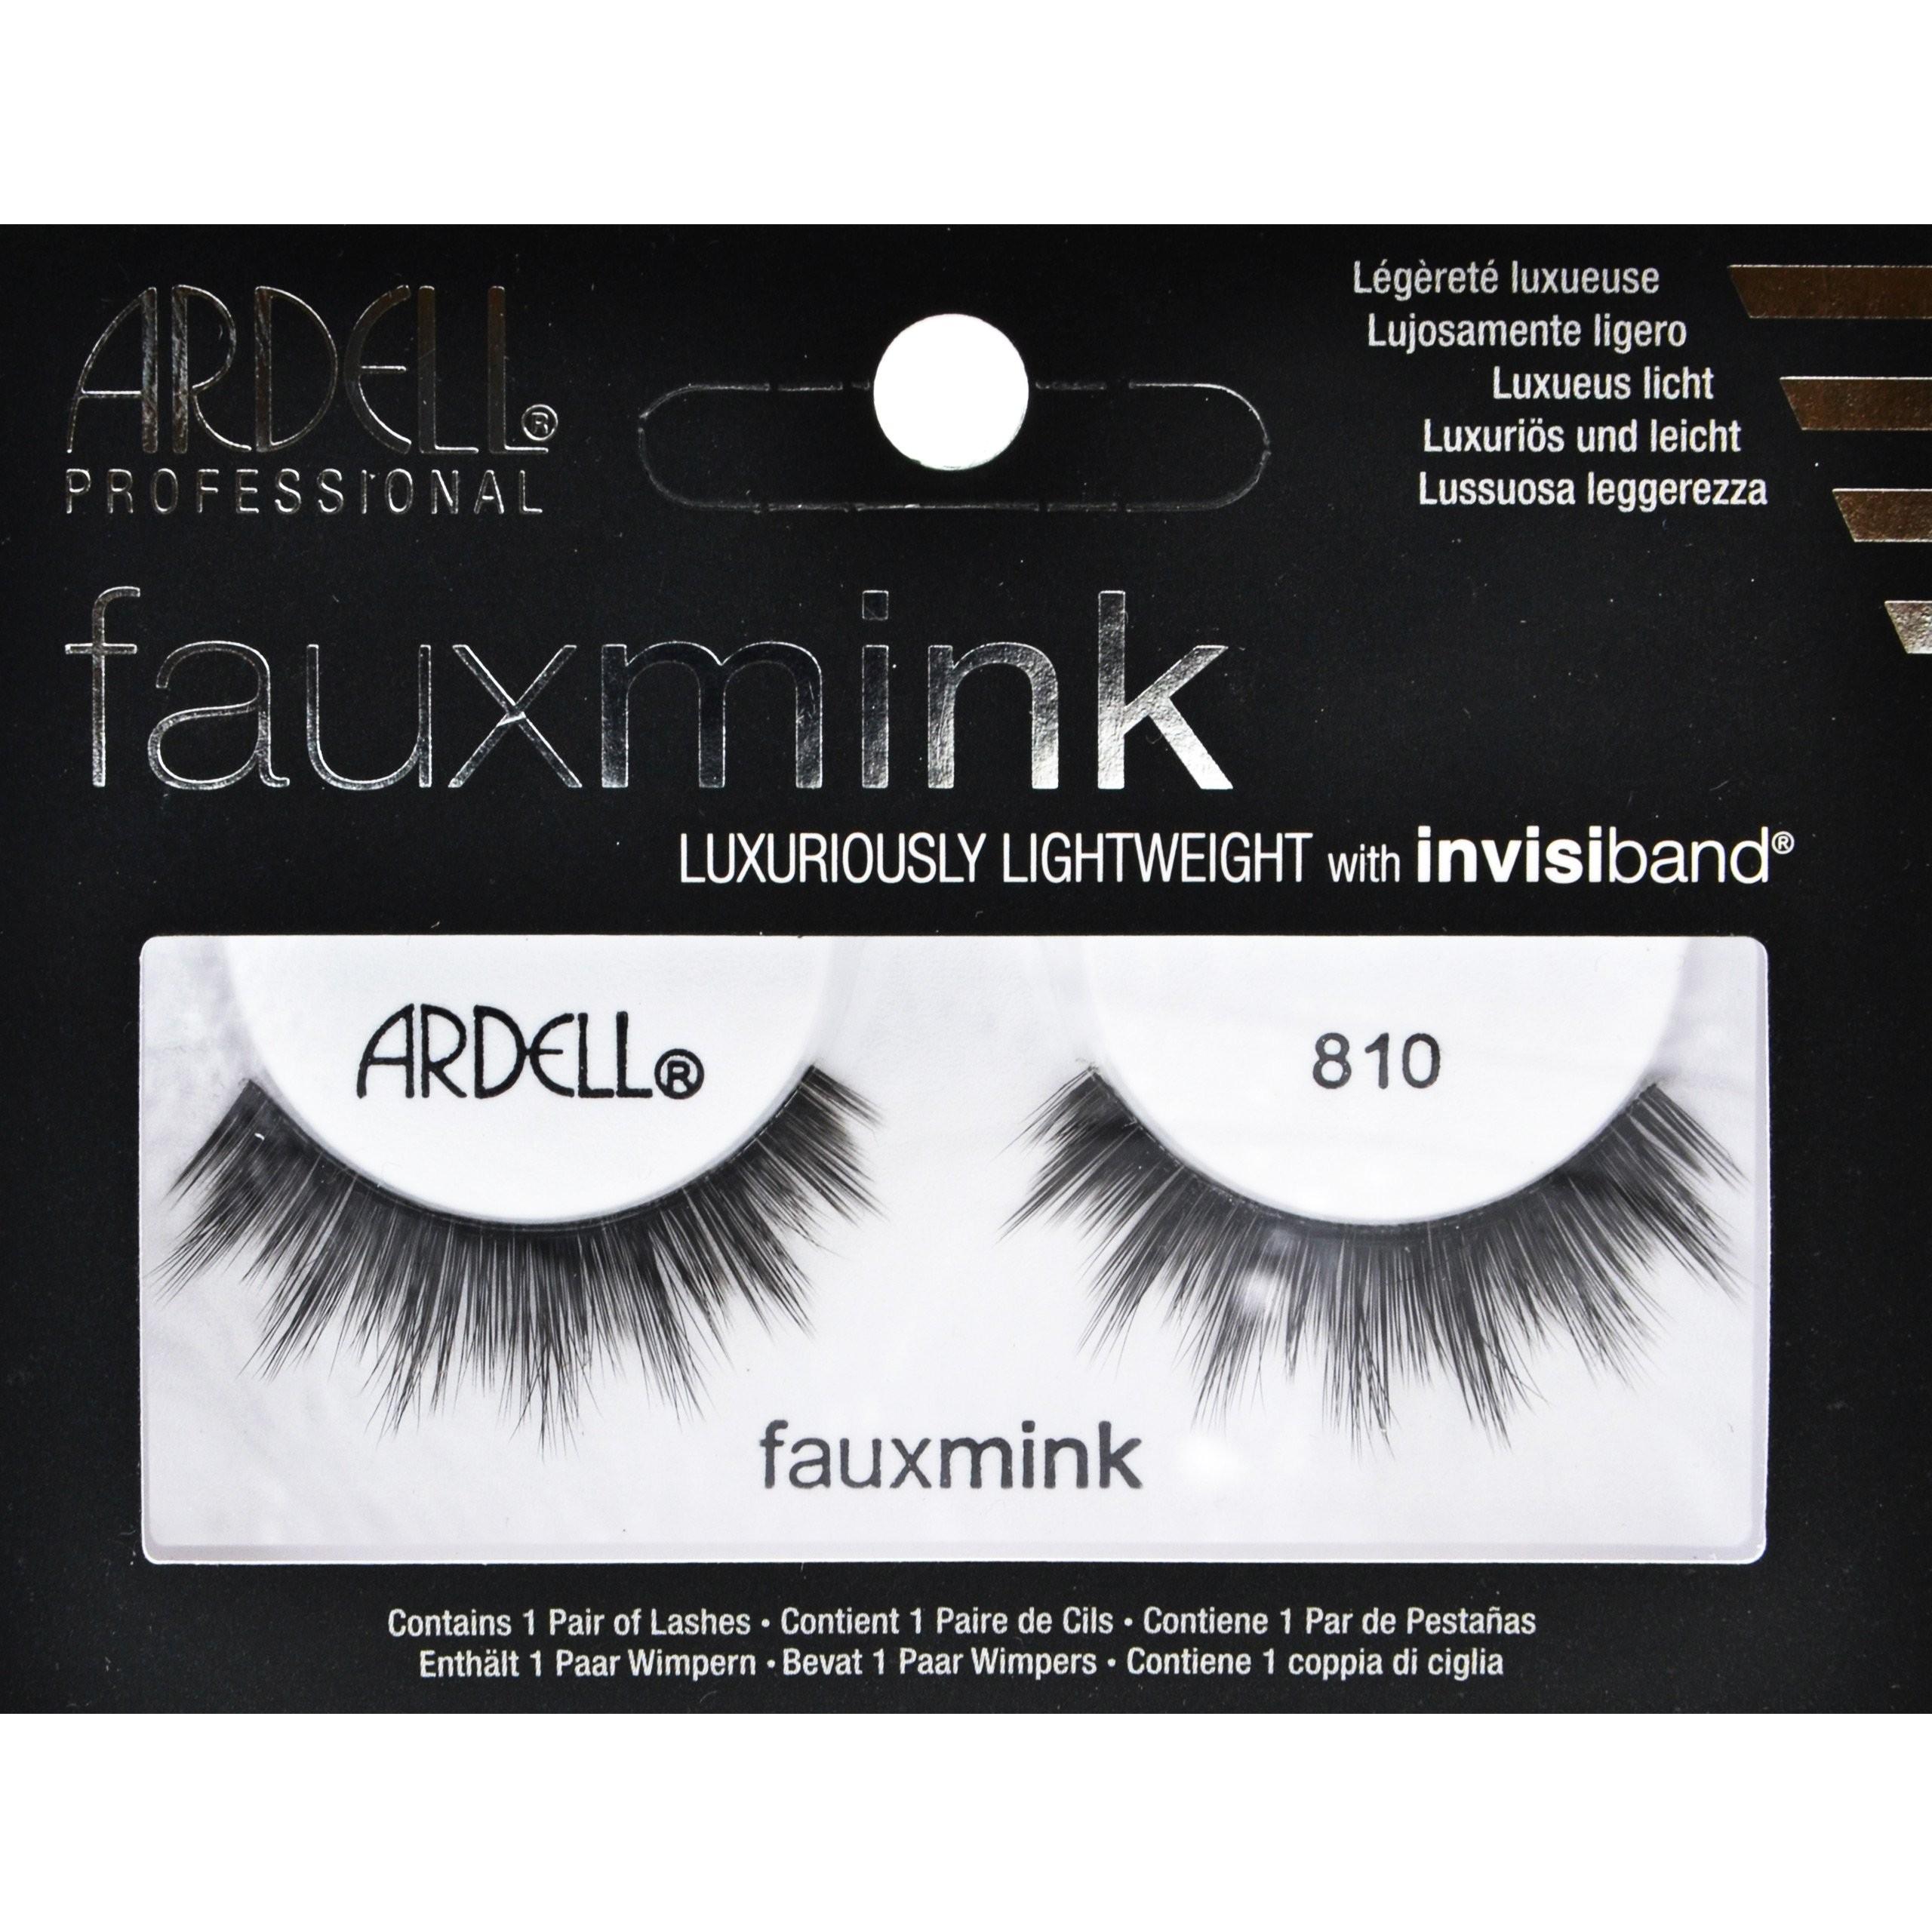 Image of Ardell paski fauxmink 810 sztuczne rzęsy, czarne